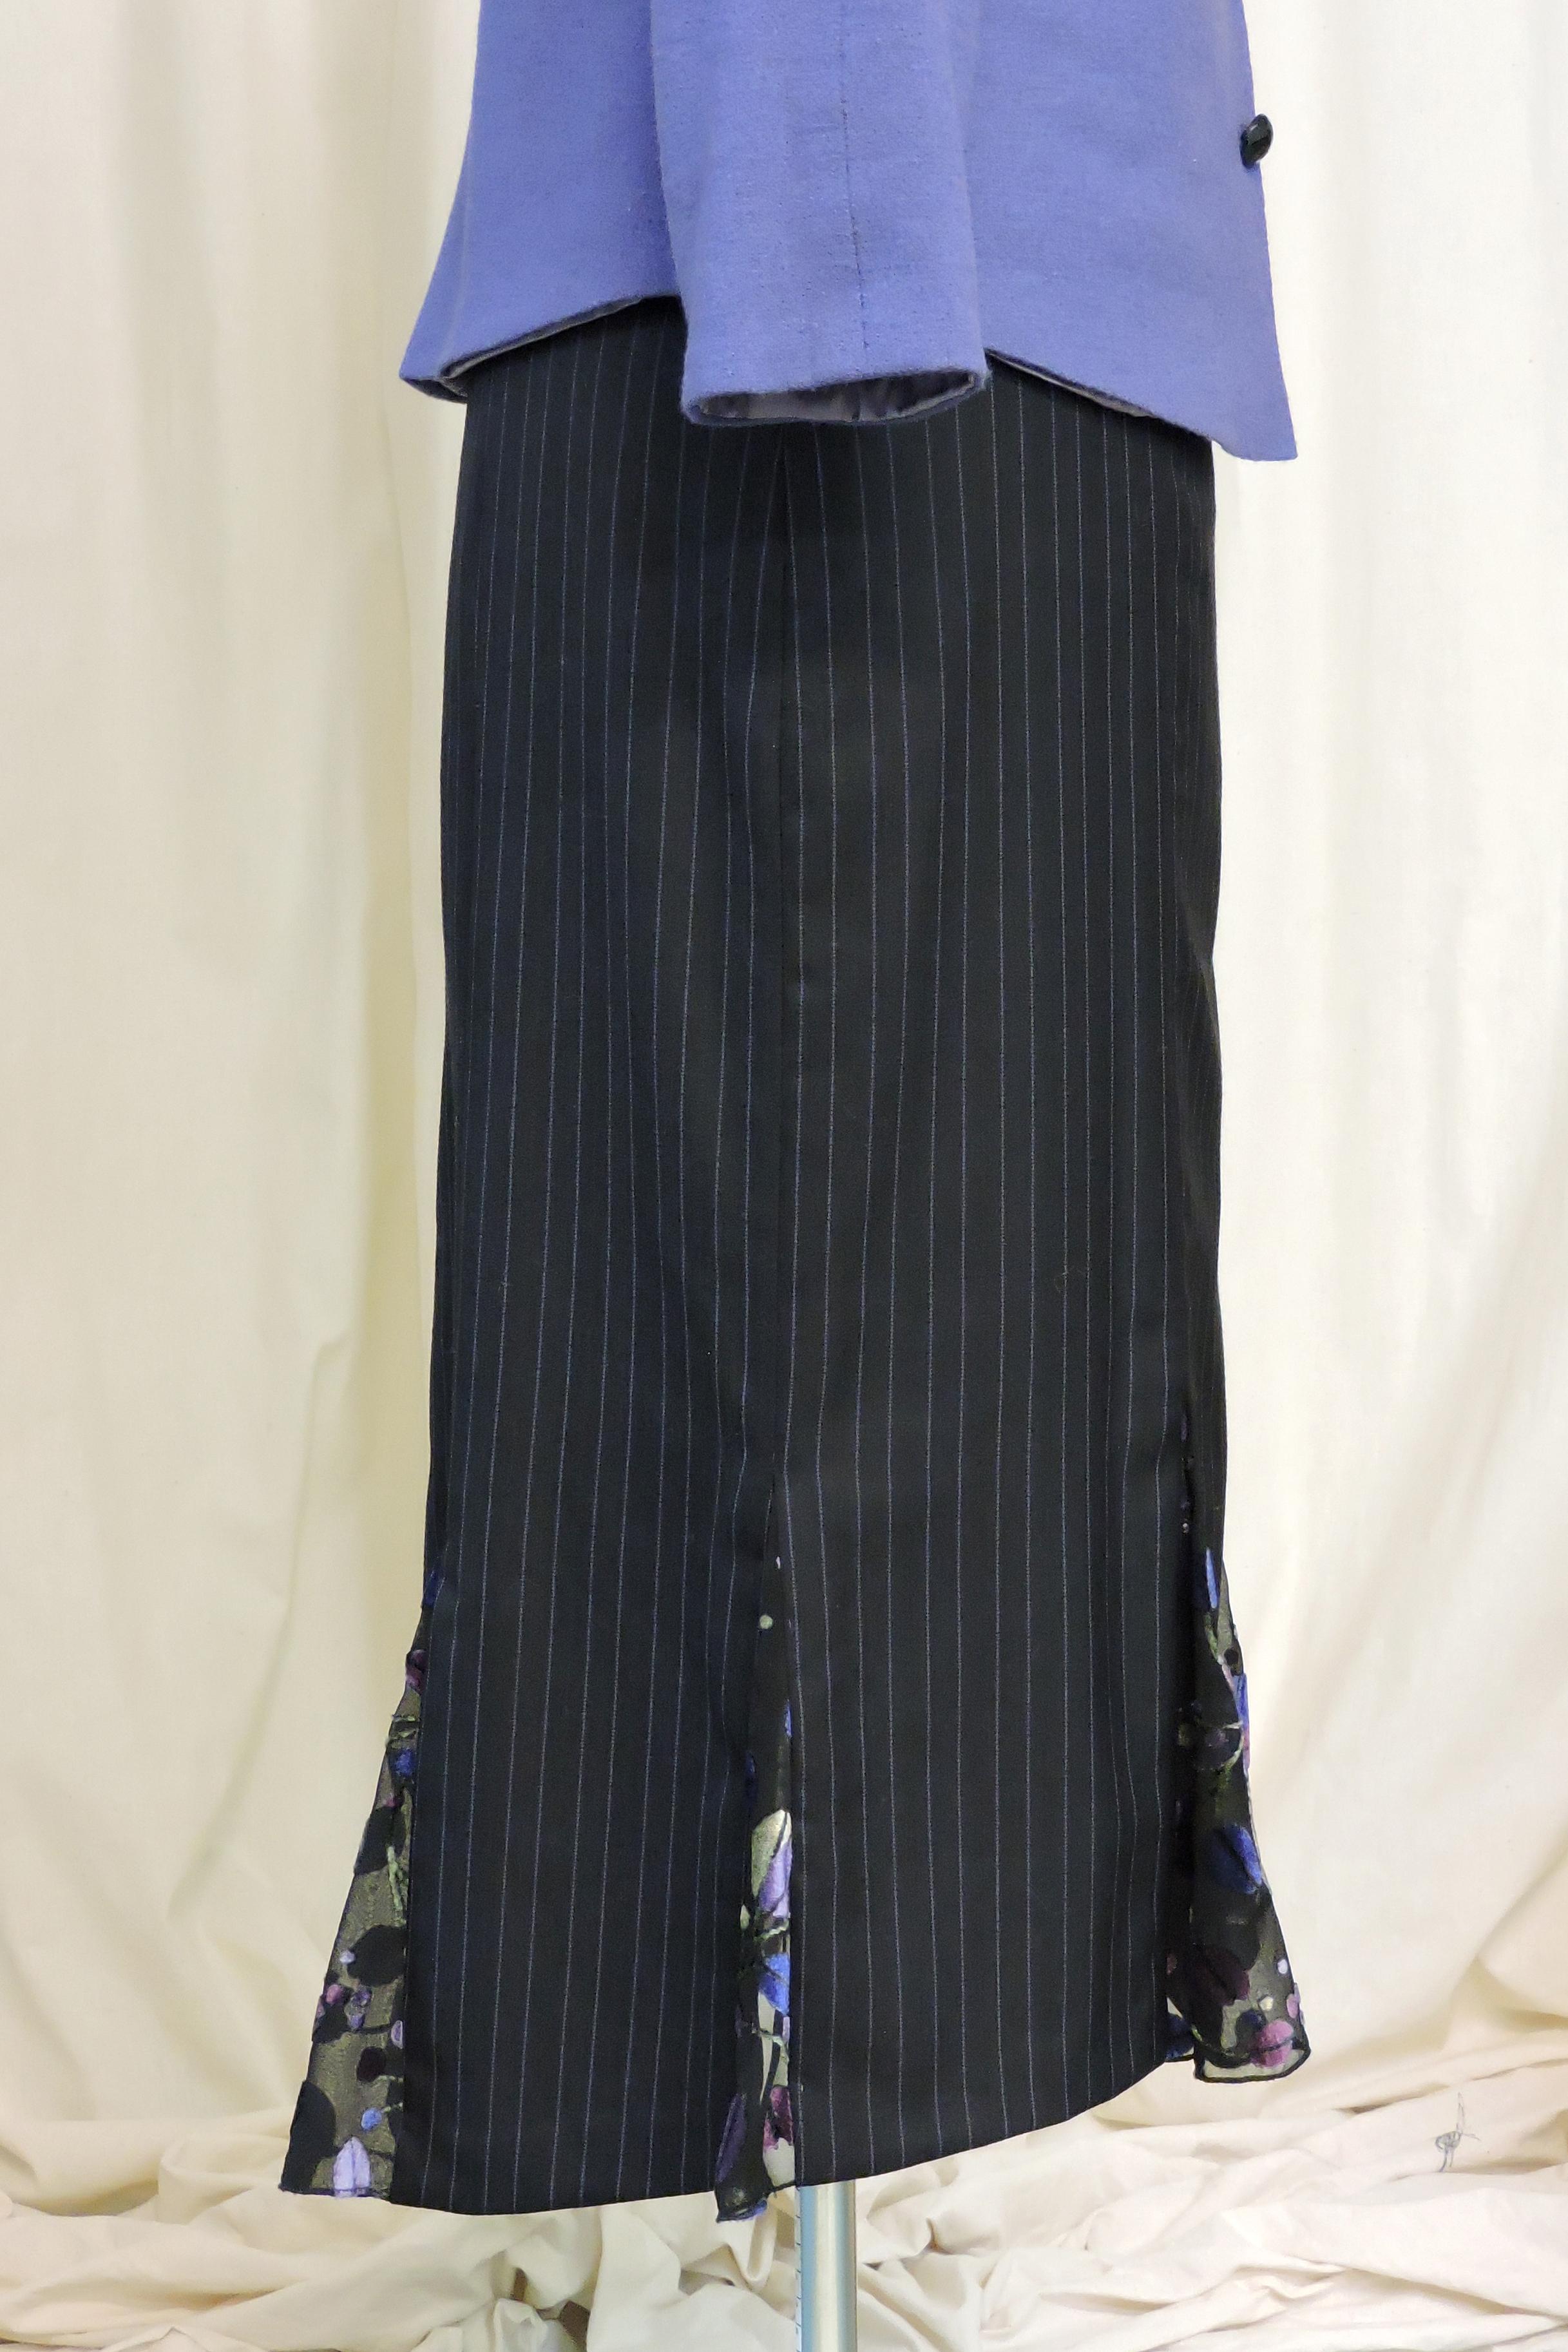 skirt18-2.jpg